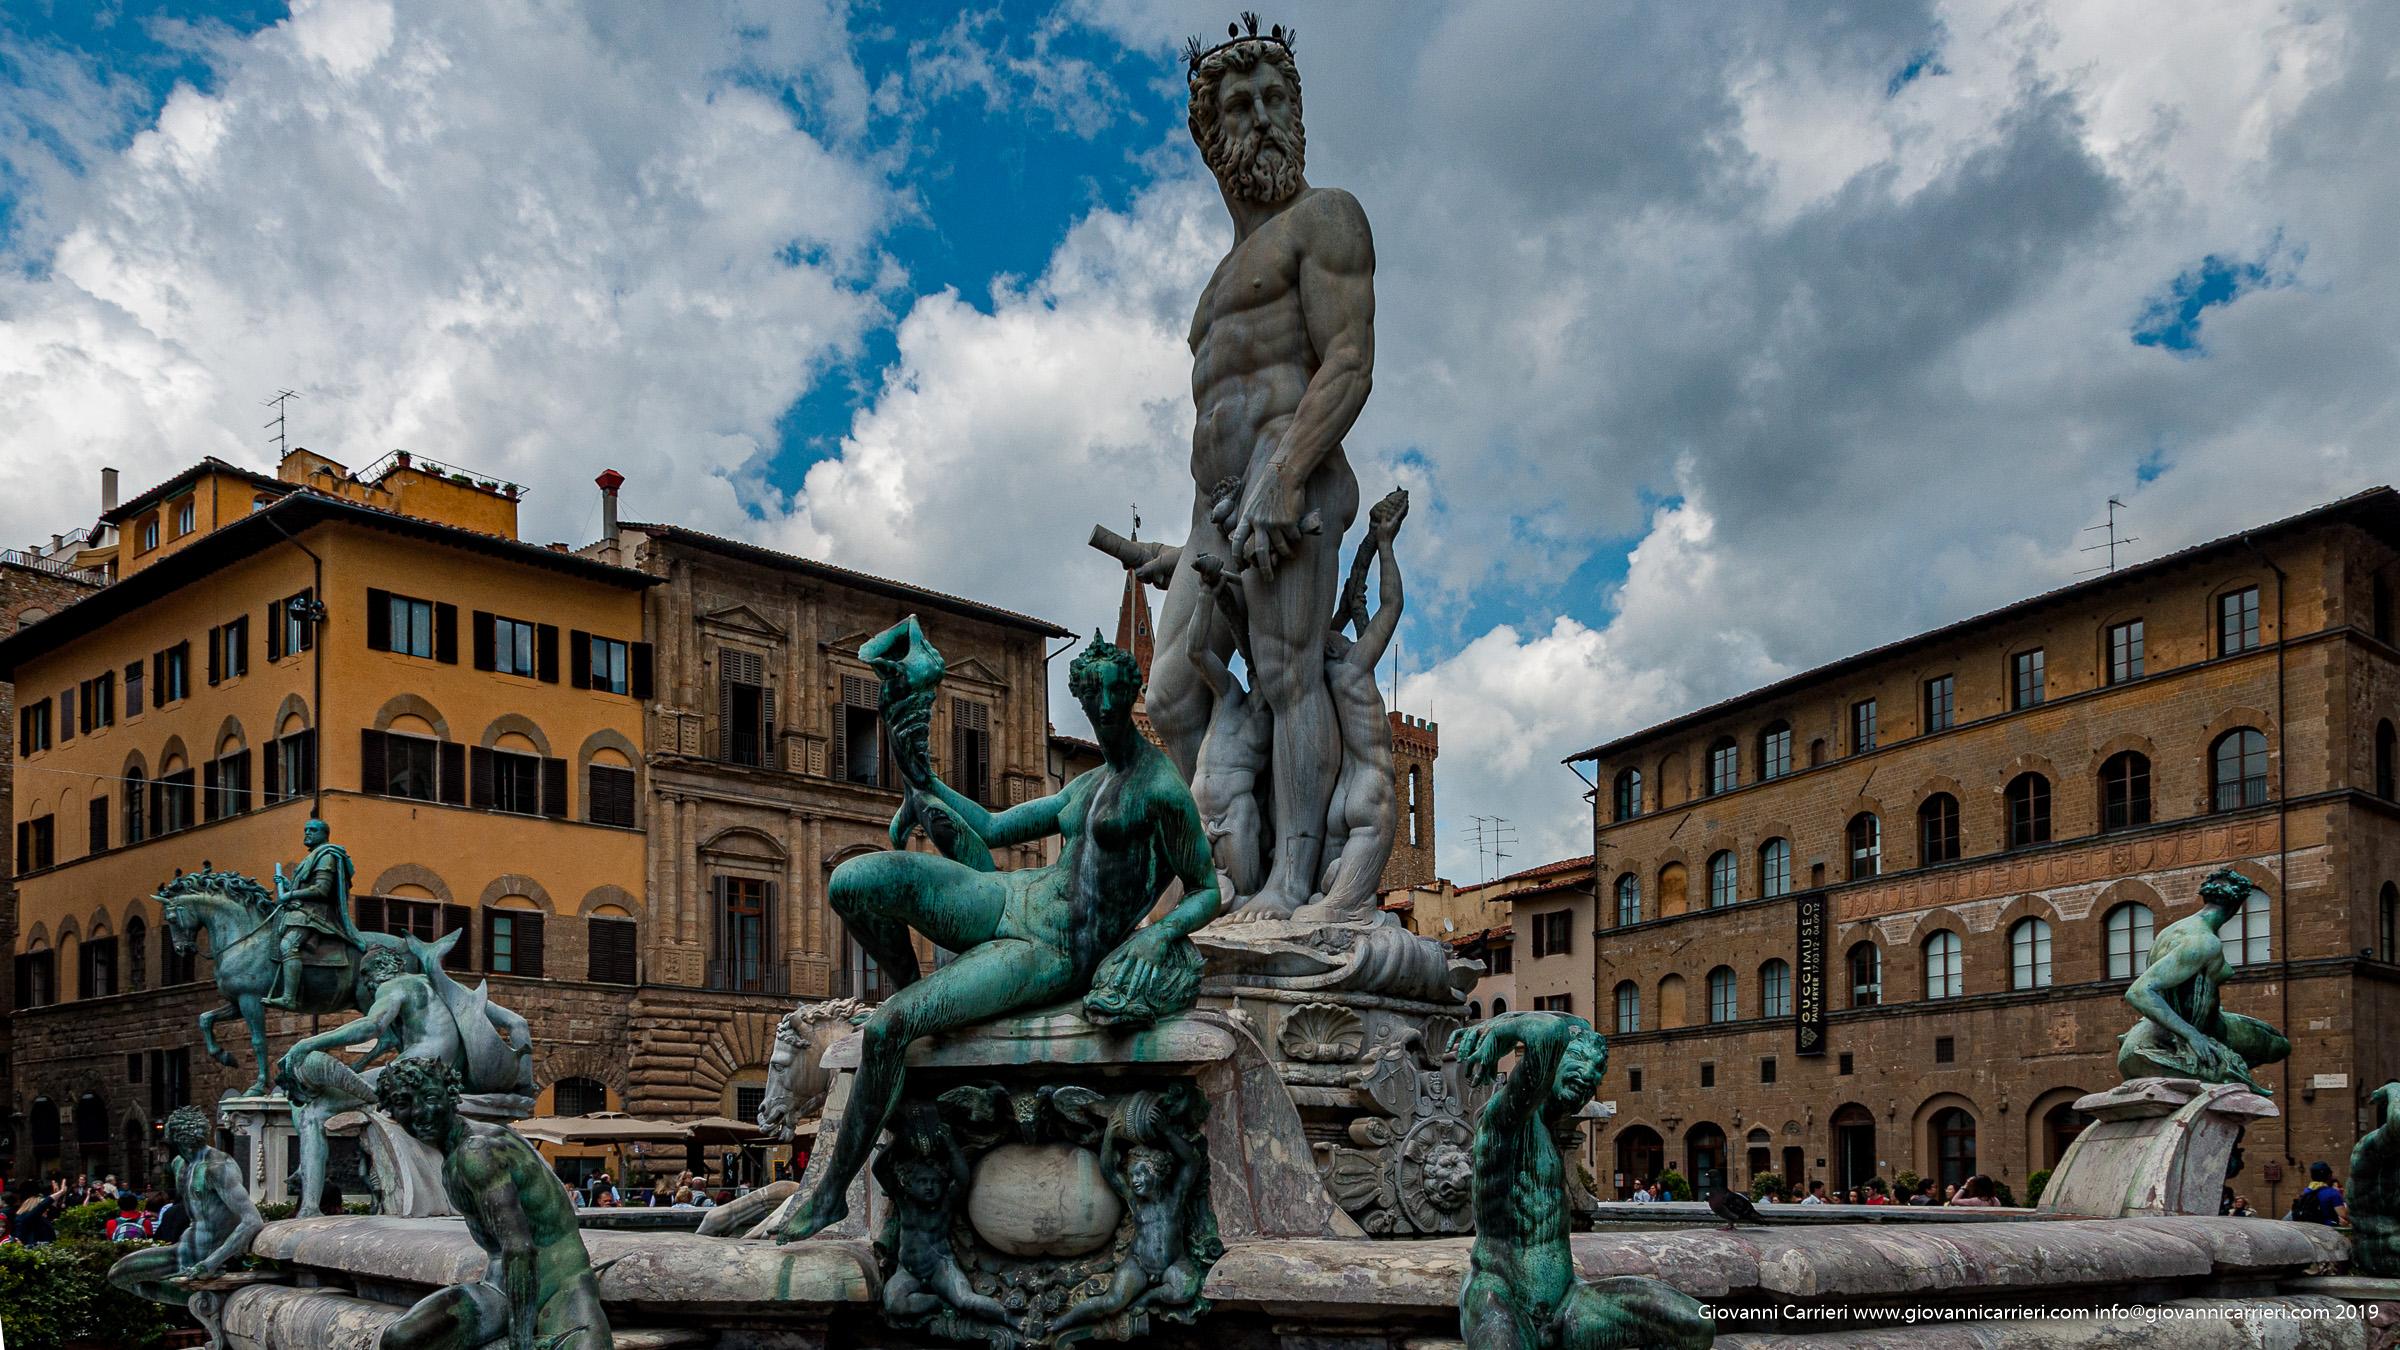 La fontana del Nettuno in piazza della Signoria - Firenze